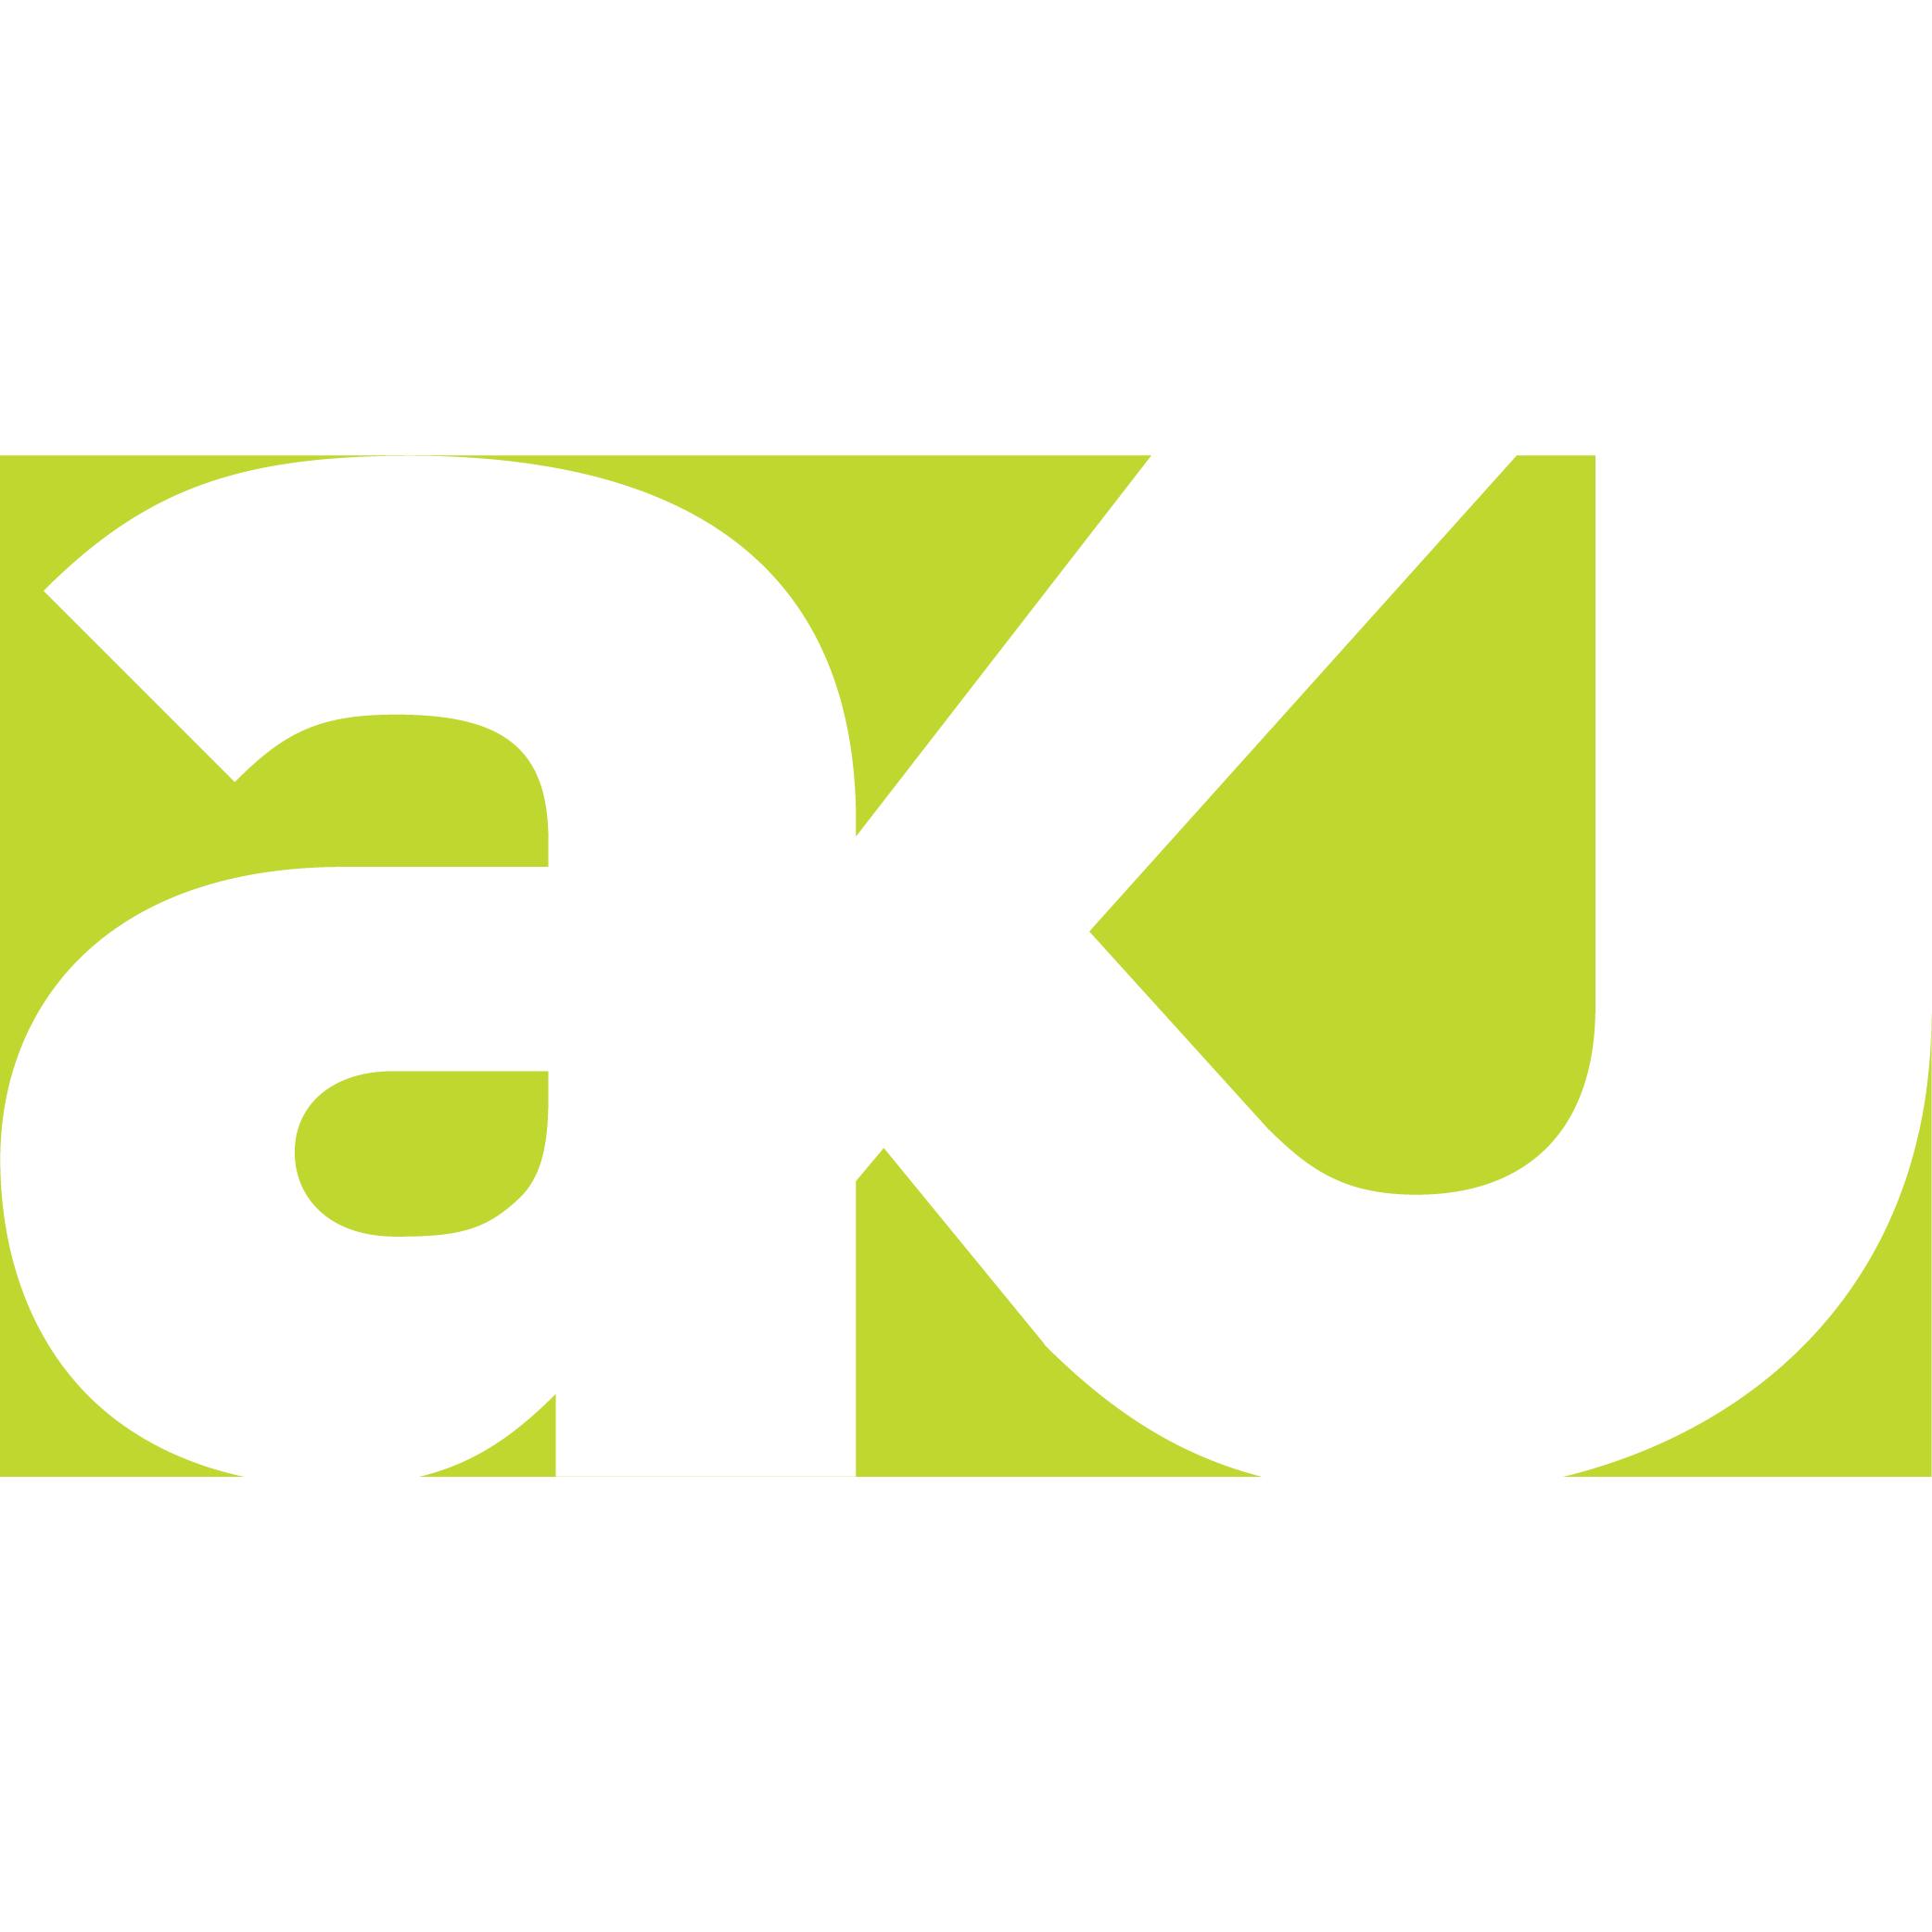 AKJ designs